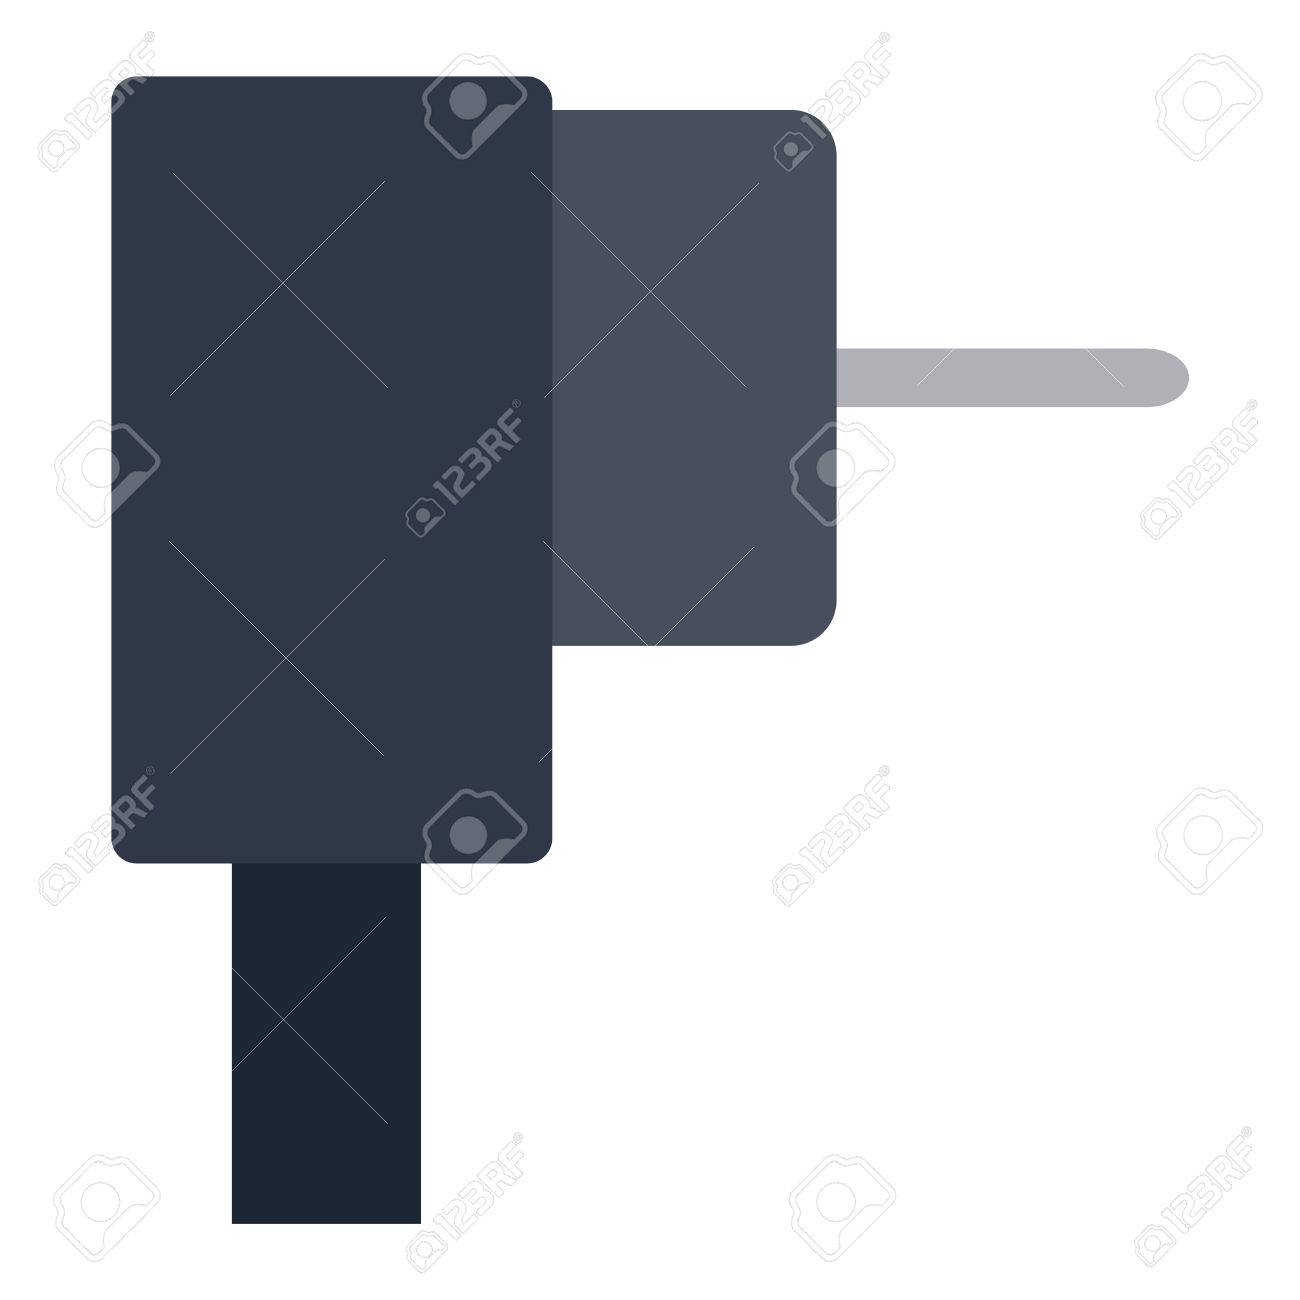 Steckdose Darstellung Auf Weißem Hintergrund. Energie Steckdose ...